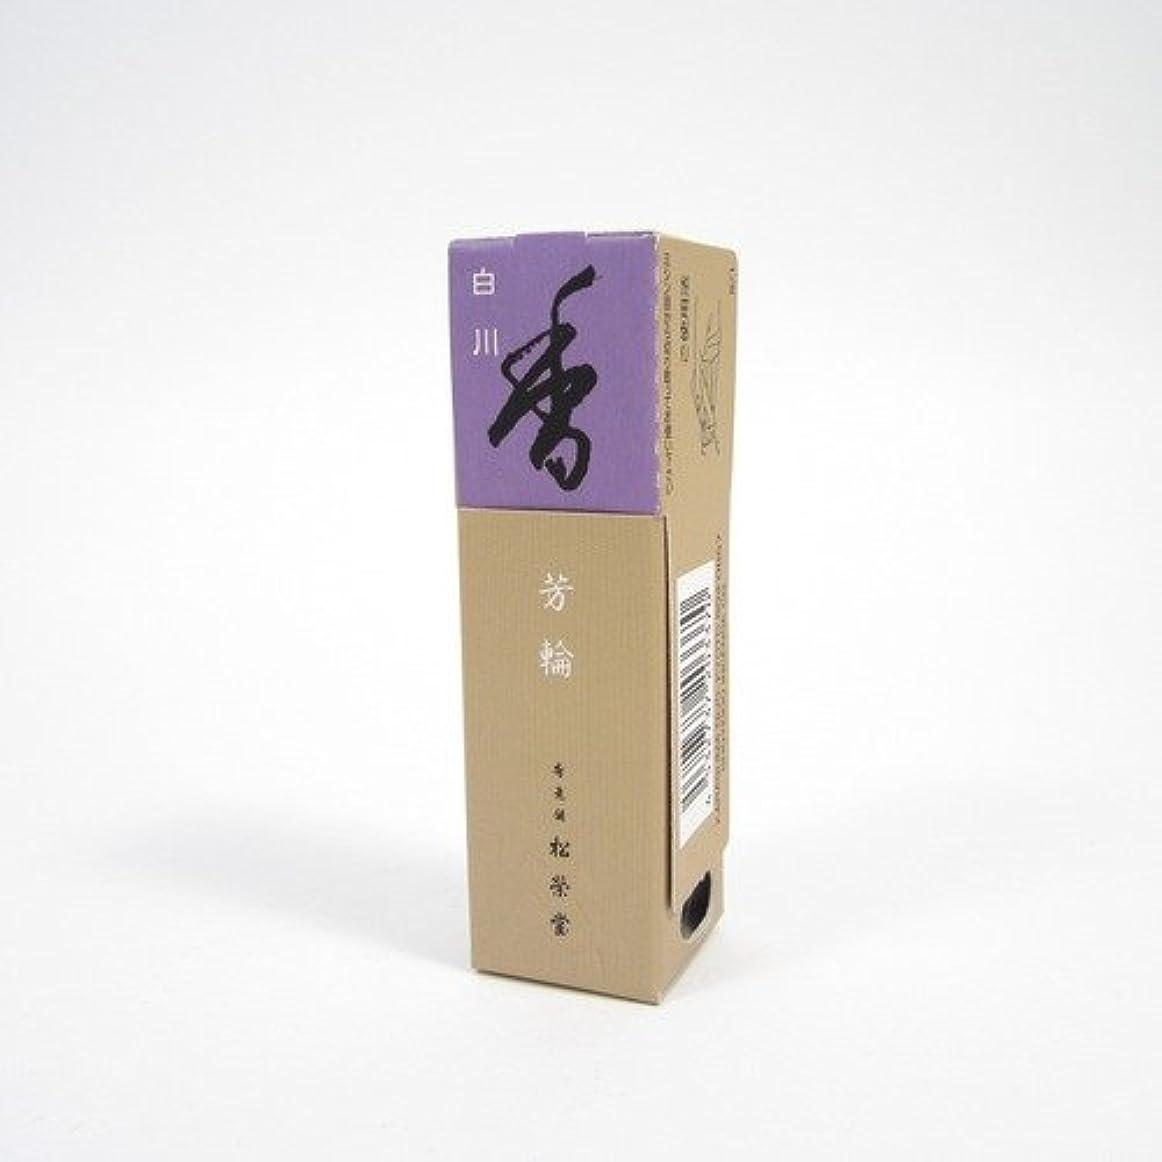 シャッフル新鮮な不要松栄堂のお香 芳輪白川 ST20本入 簡易香立付 #210623